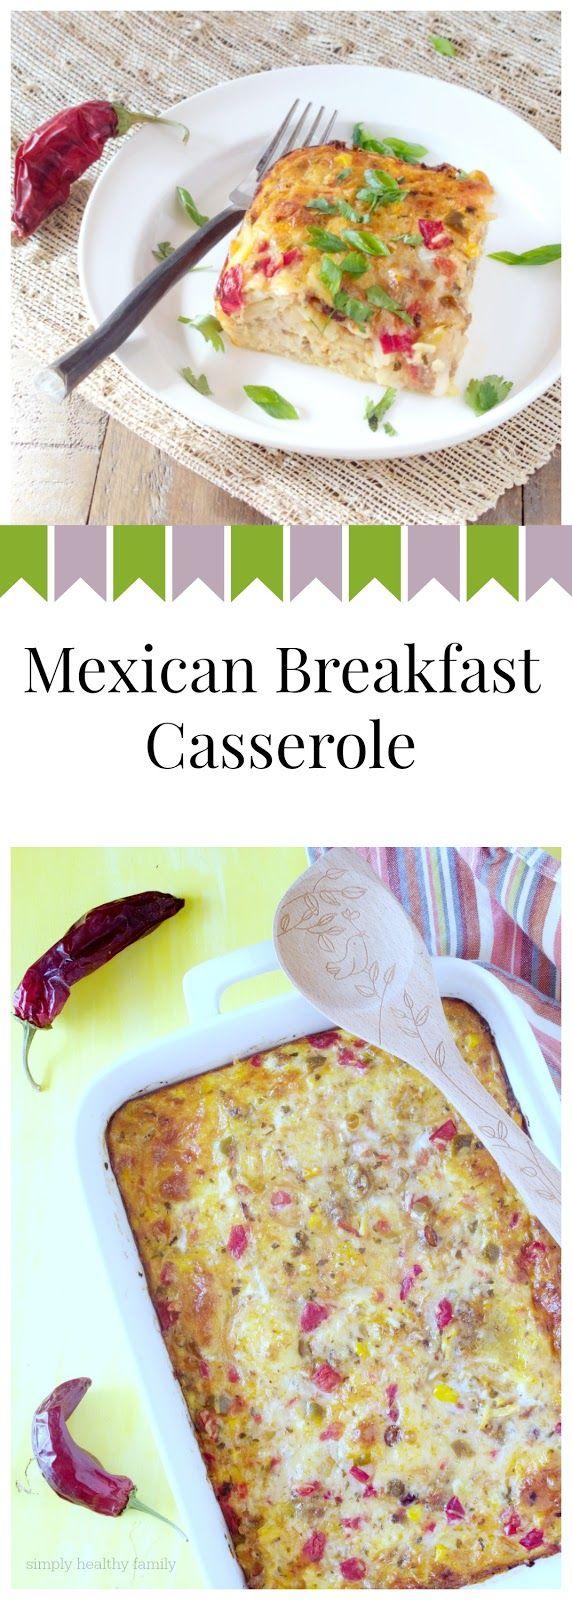 Mexican Breakfast Casserole SundaySupper